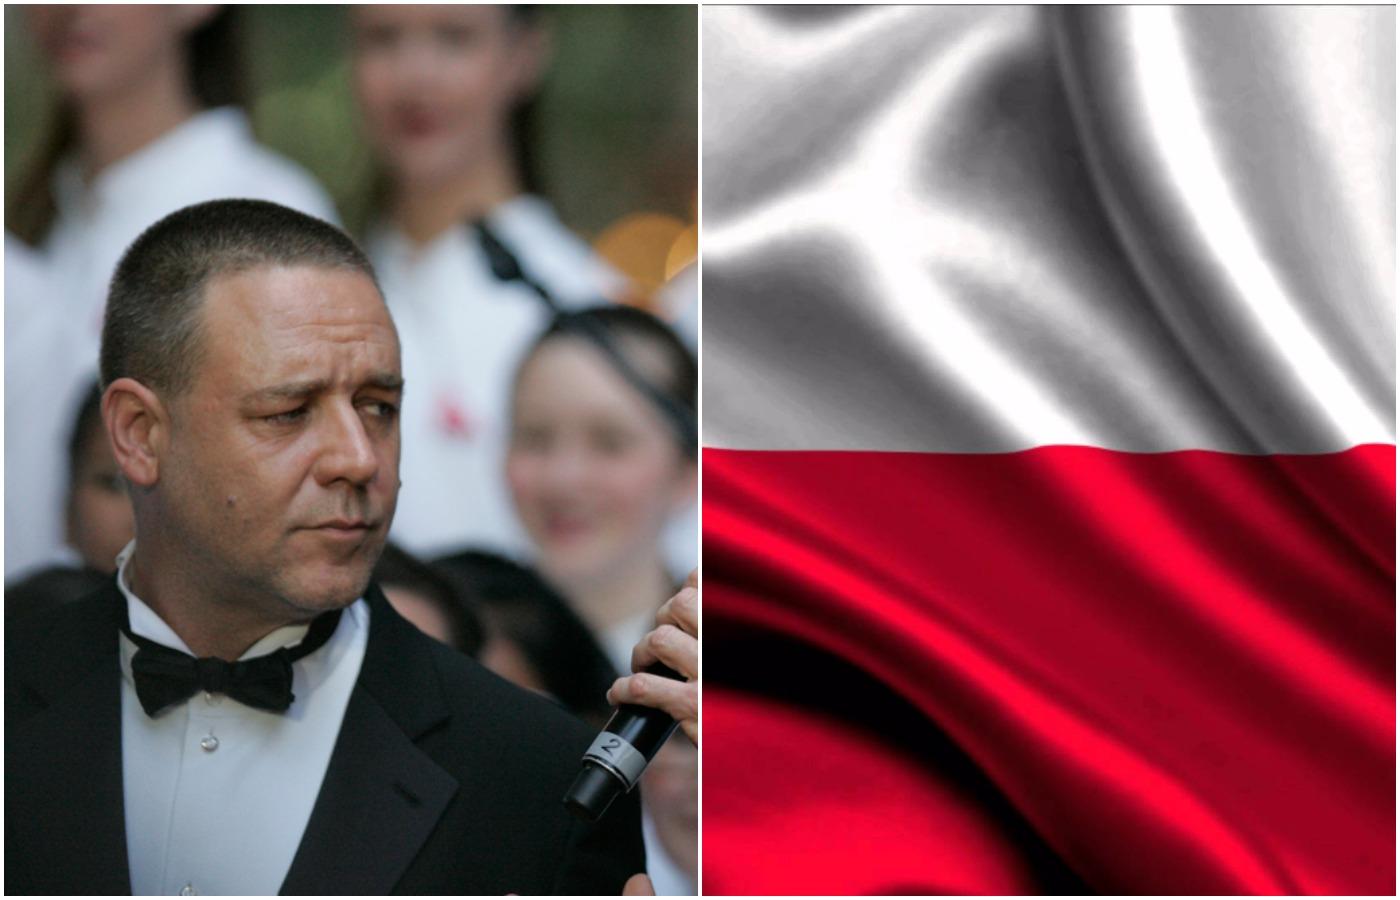 Skąd sympatia Russella Crowe do Polski? Znamy odpowiedź